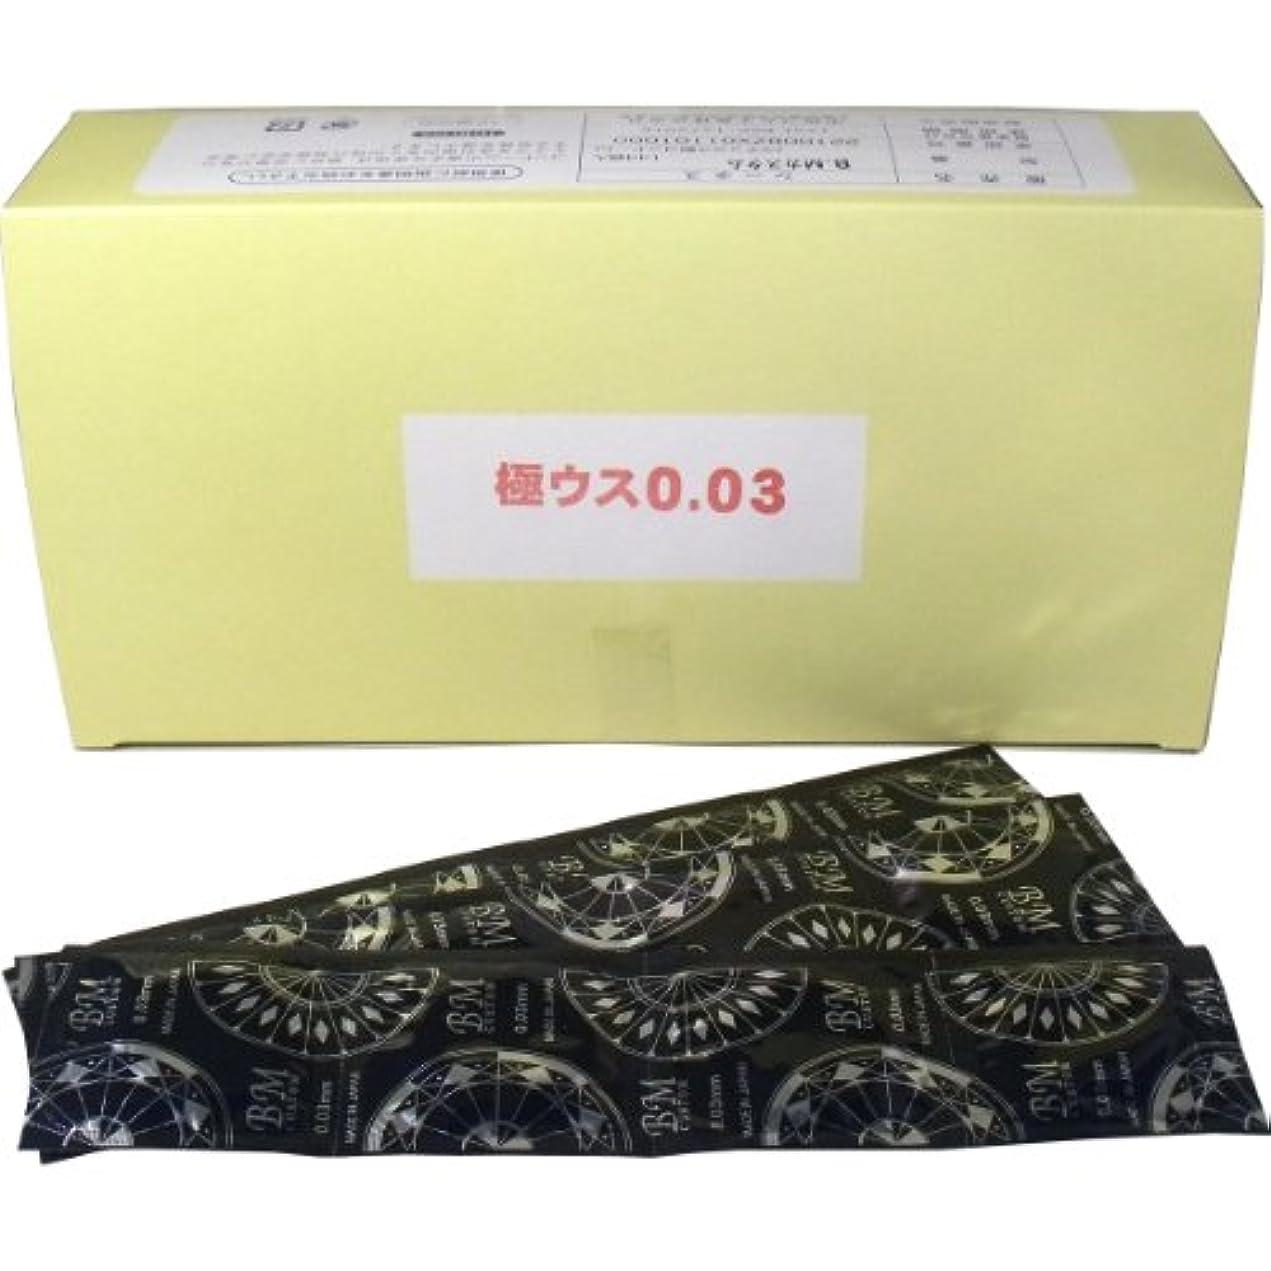 中西ゴム工業製 業務用コンドーム 極ウス0.03mm BMカスタム(BM CUSTOM) 720個(5グロス) セット